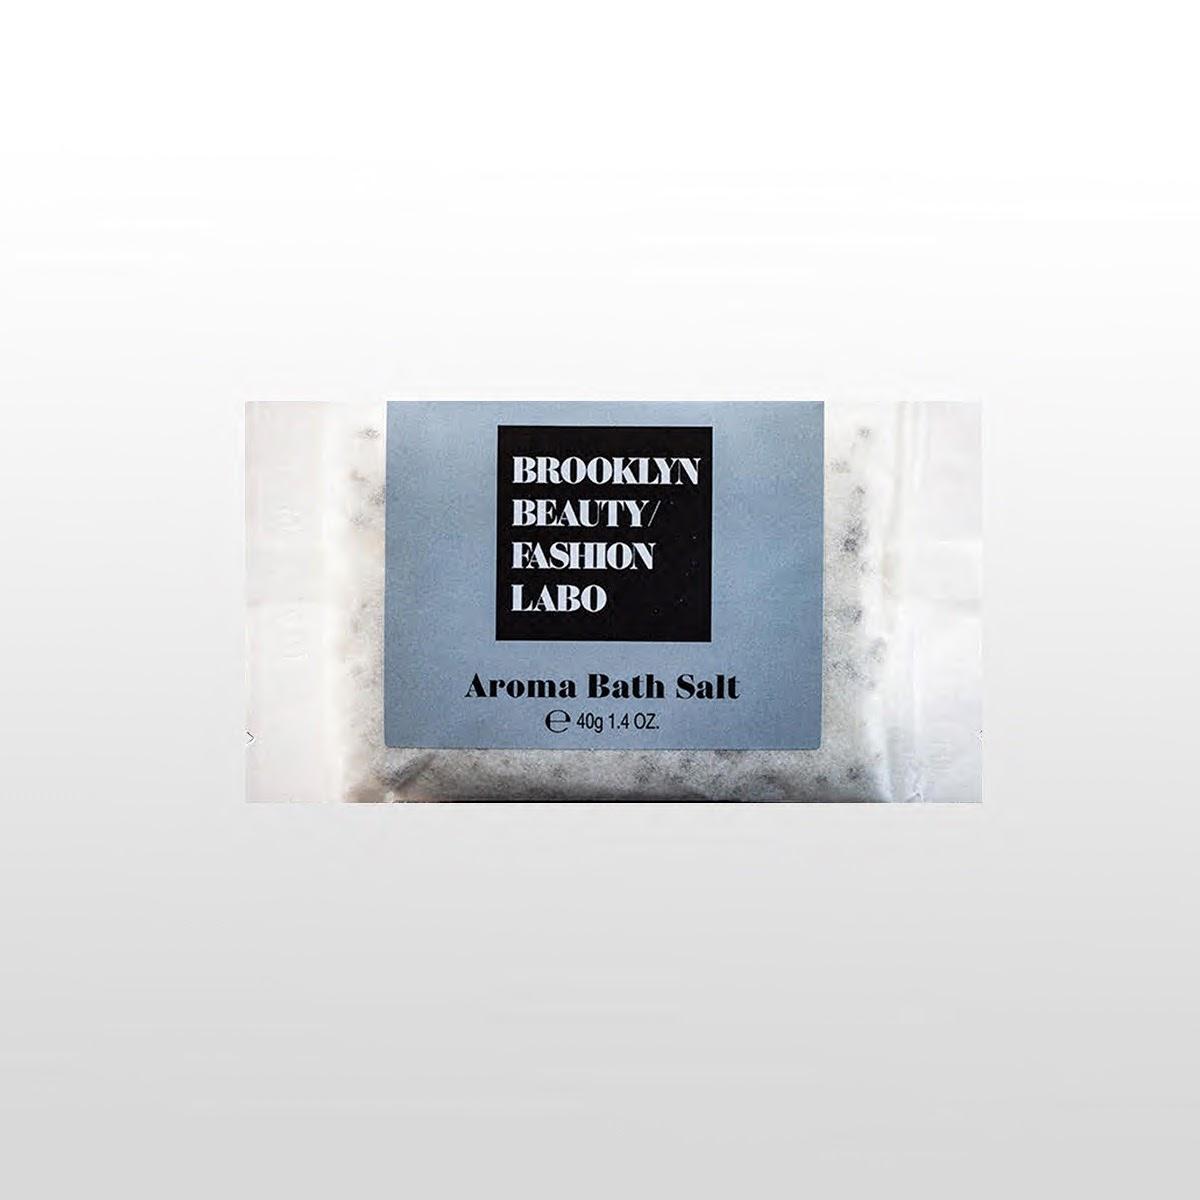 ブルックリンビューティーファッションラボのアロマをレビュー! の画像